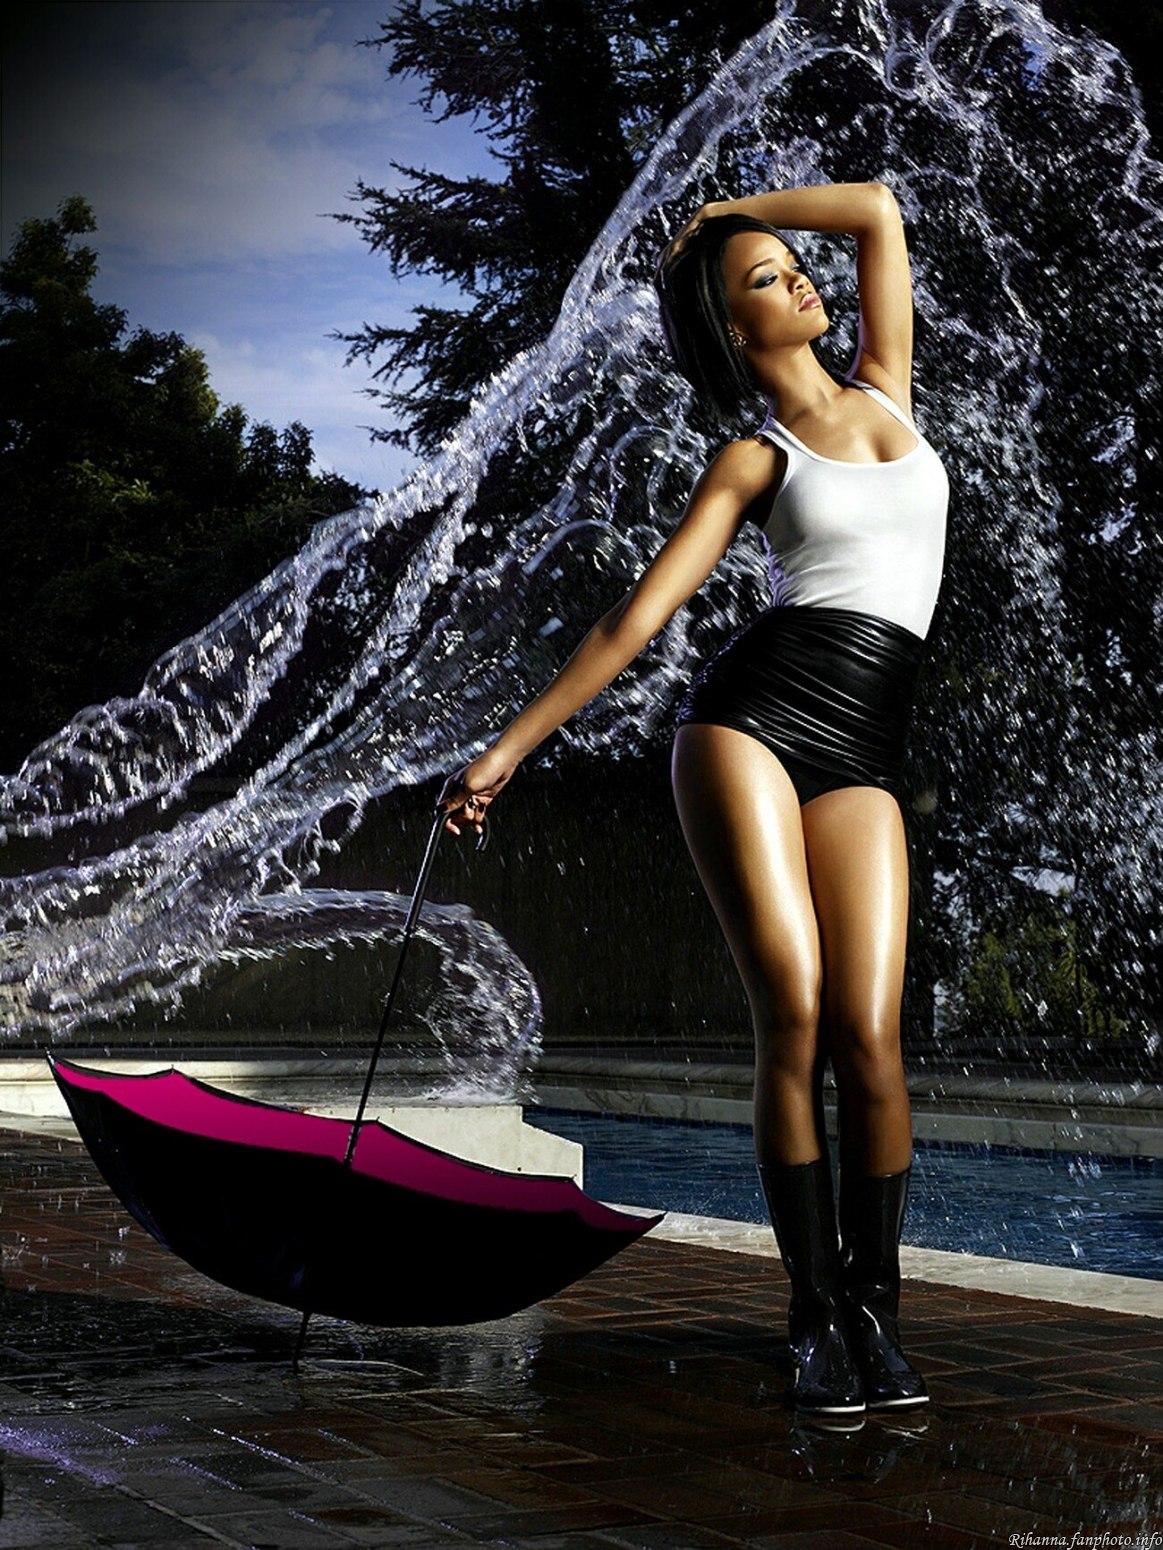 [Image: rihanna_umbrella_poster_0011.jpg]